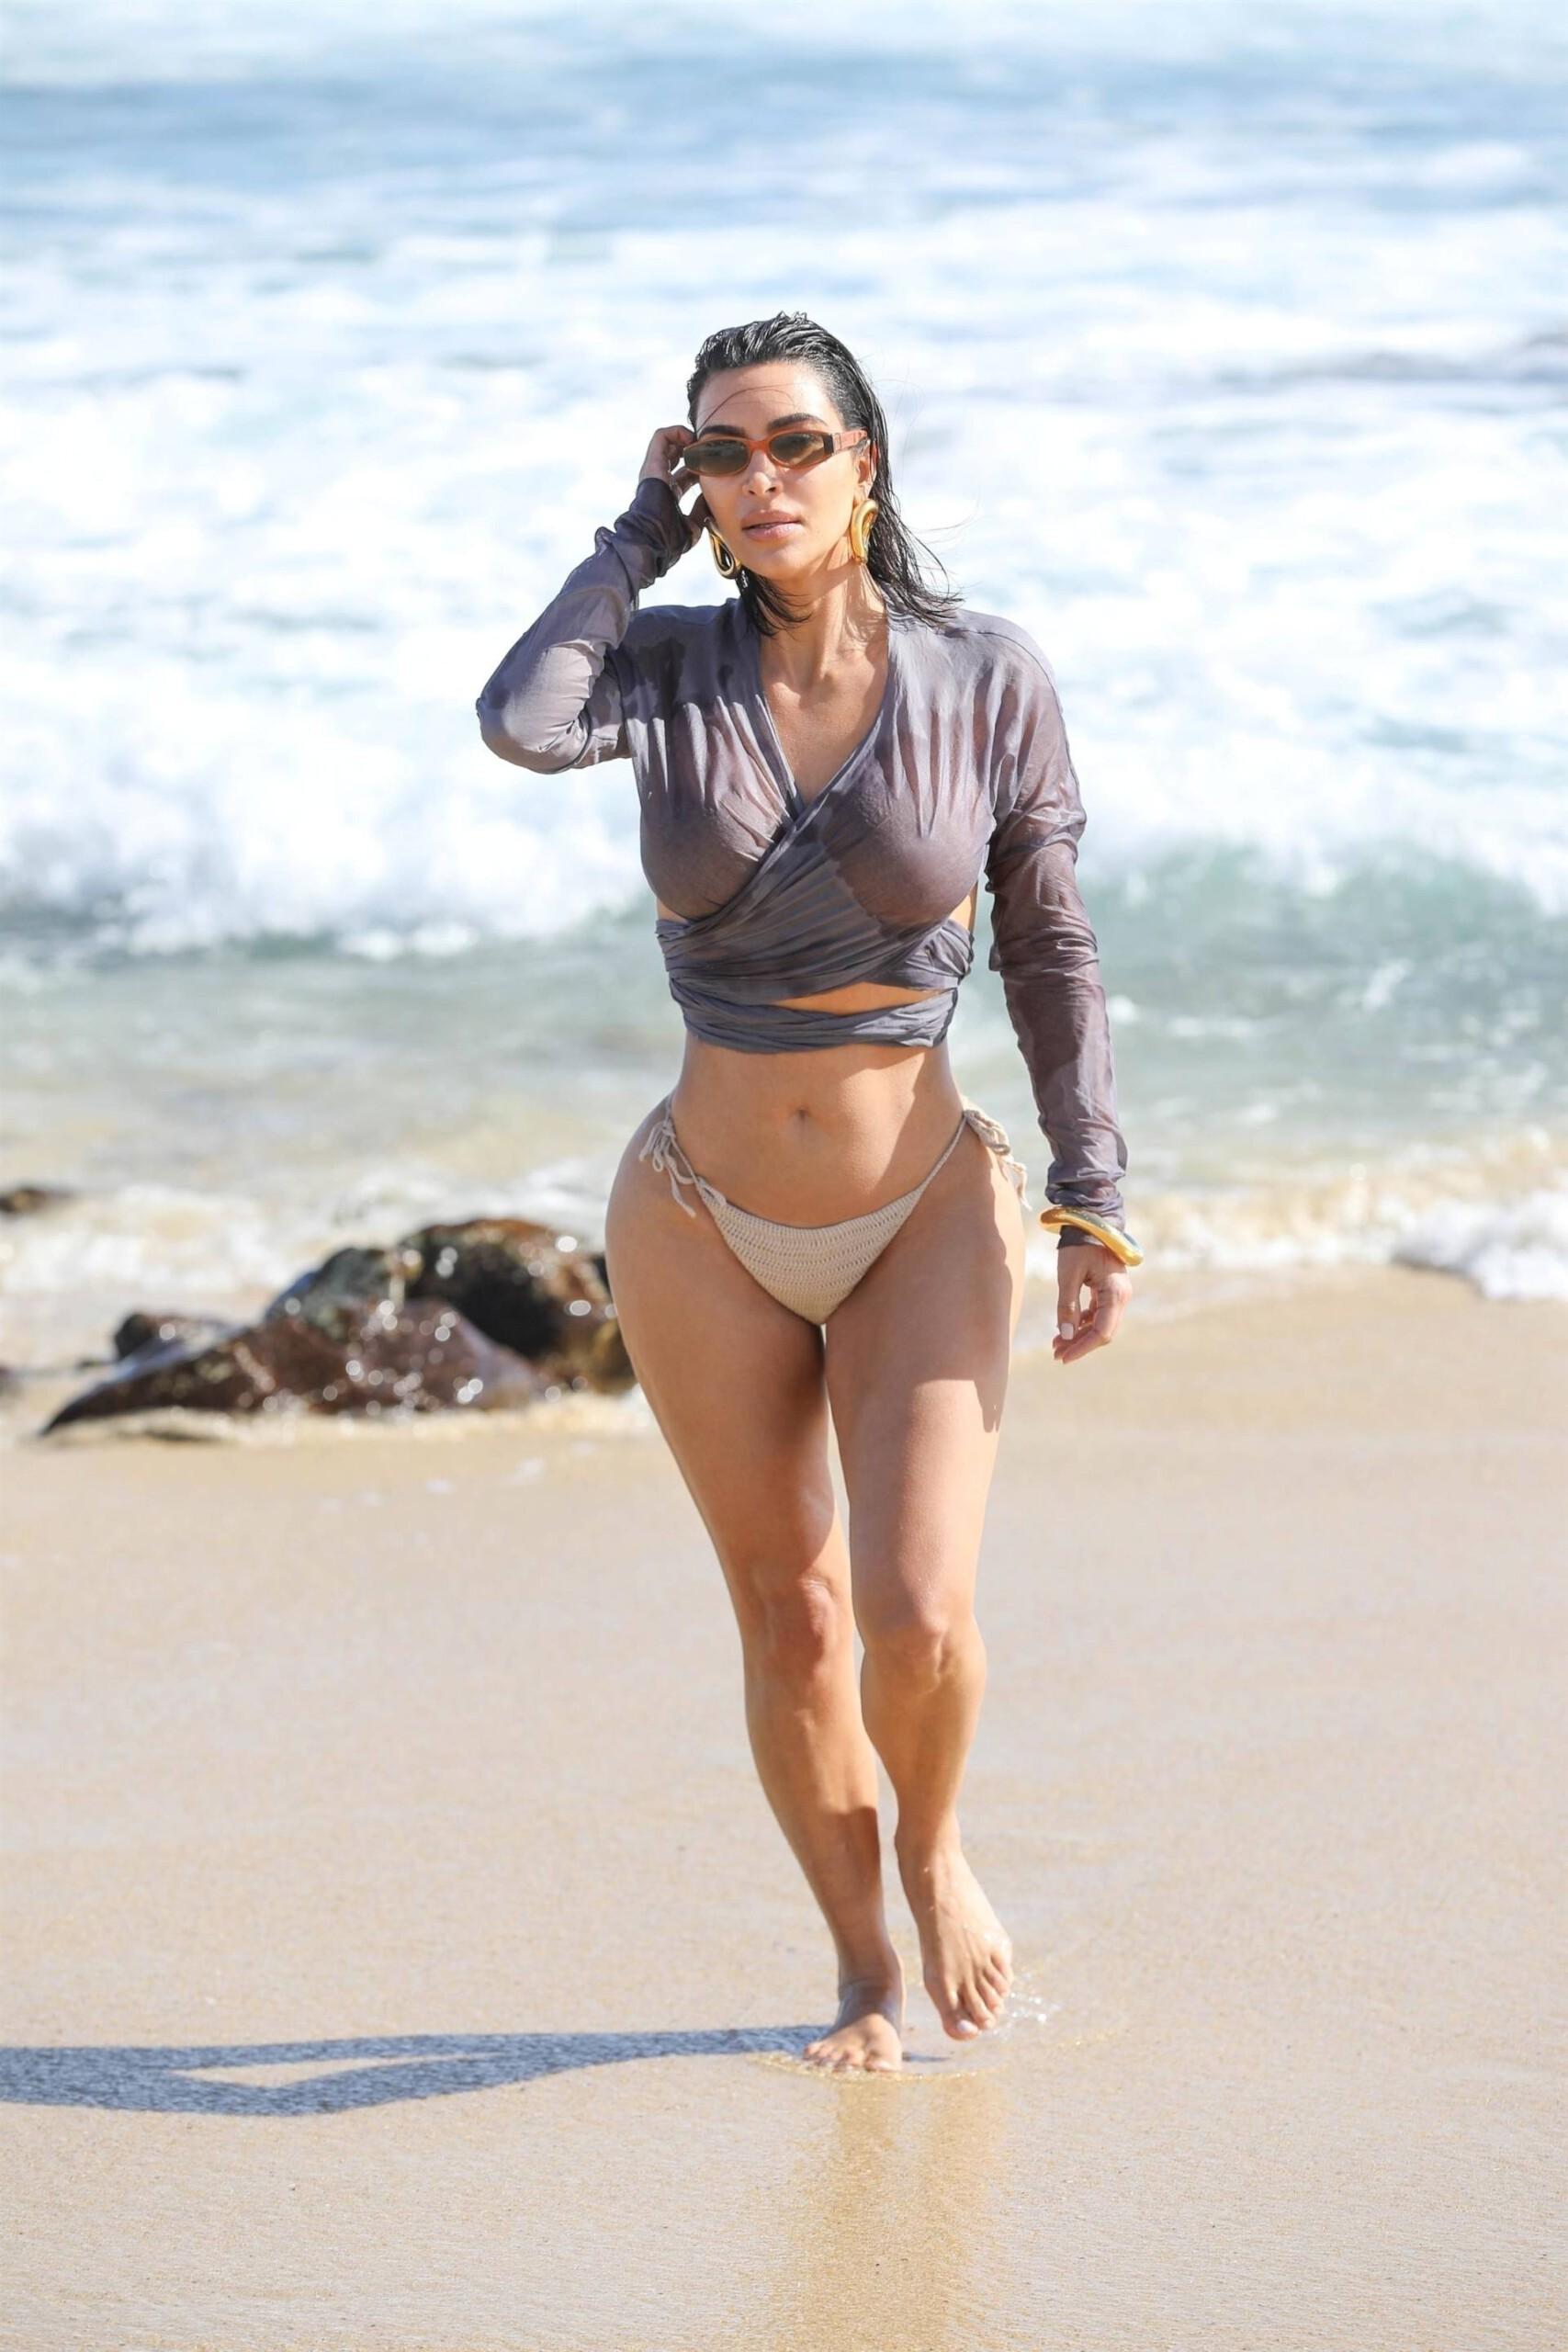 Kim Kardashian - Beautiful Body in Sexy Bikini on the Beach in Malibu